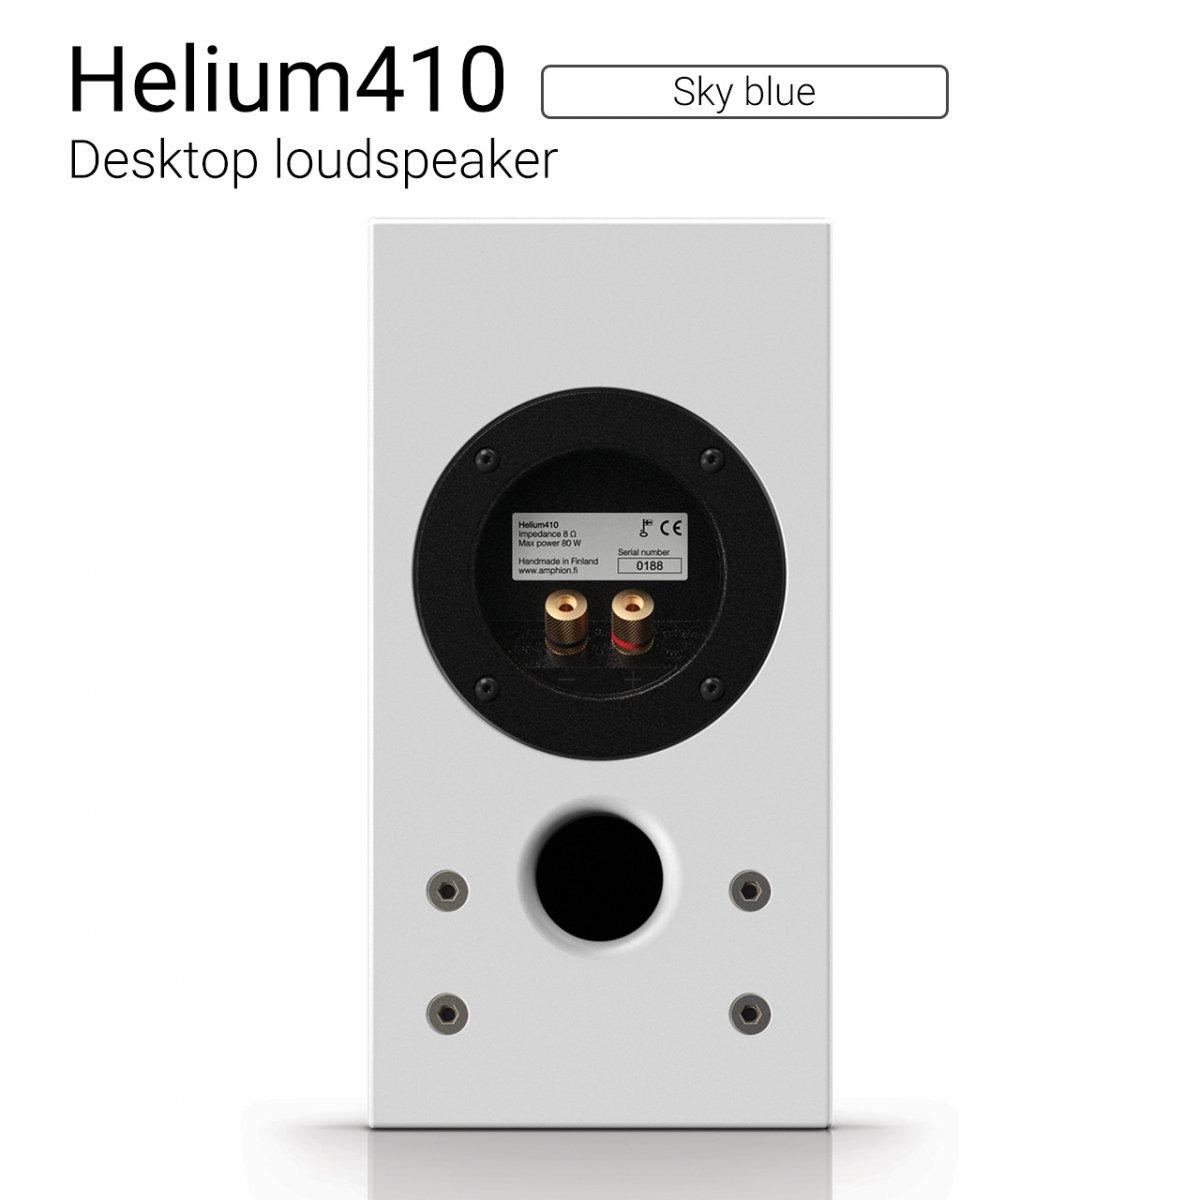 Helium410 (Sky blue) Desktop loudspeaker【ペア】